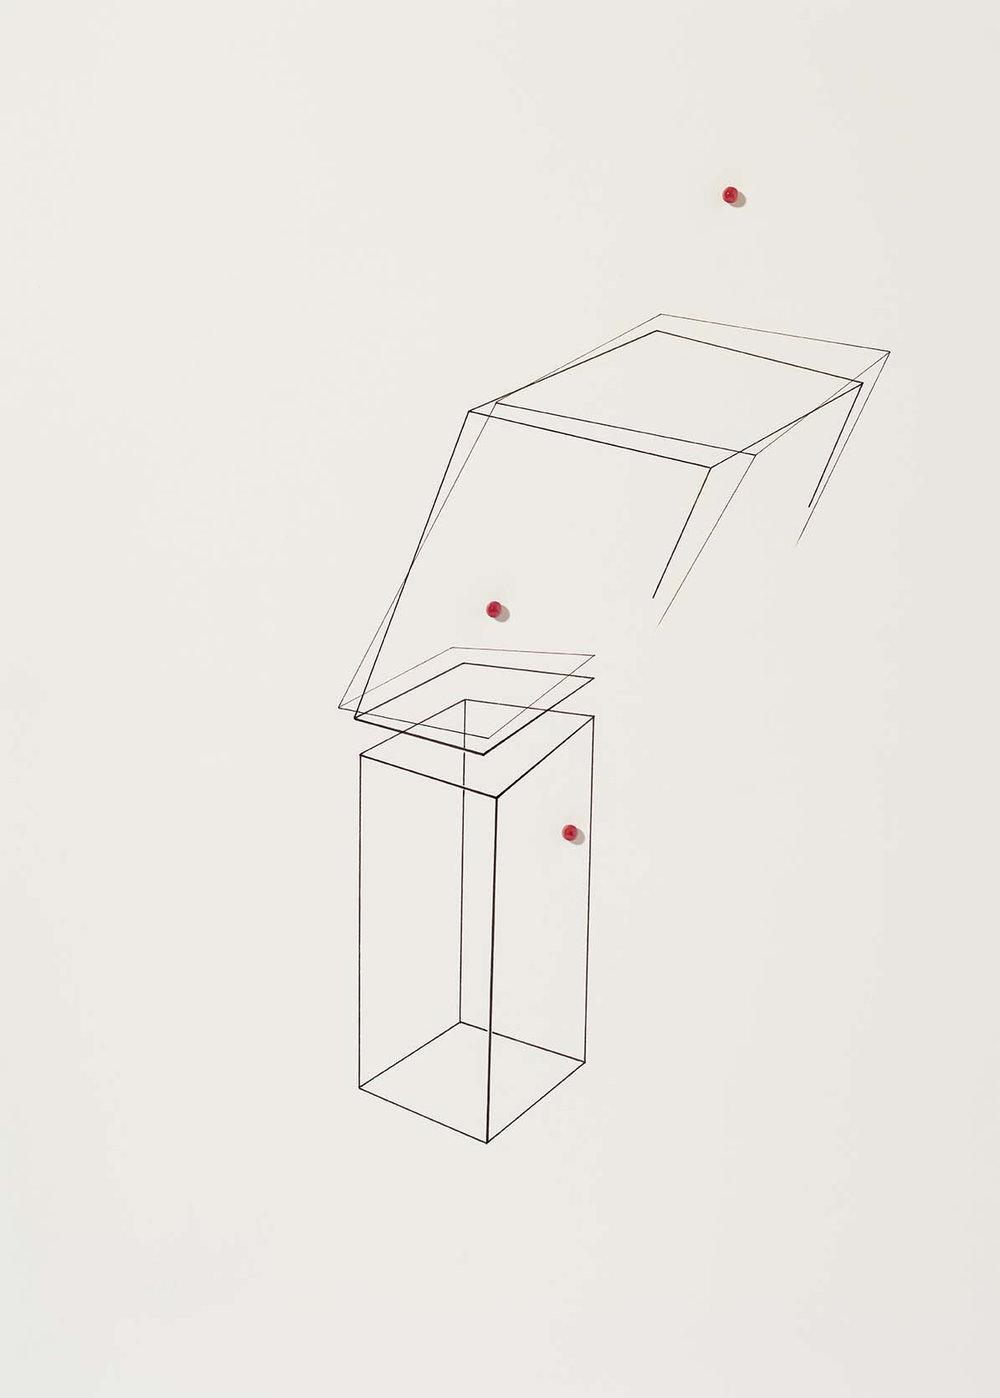 Copy of Sem título | 2015 | desenho | nanquim e resina sobre papel| 40 x 30 x 0,7 cm (sem moldura) | 55 x 45 x 5 cm (com moldura)